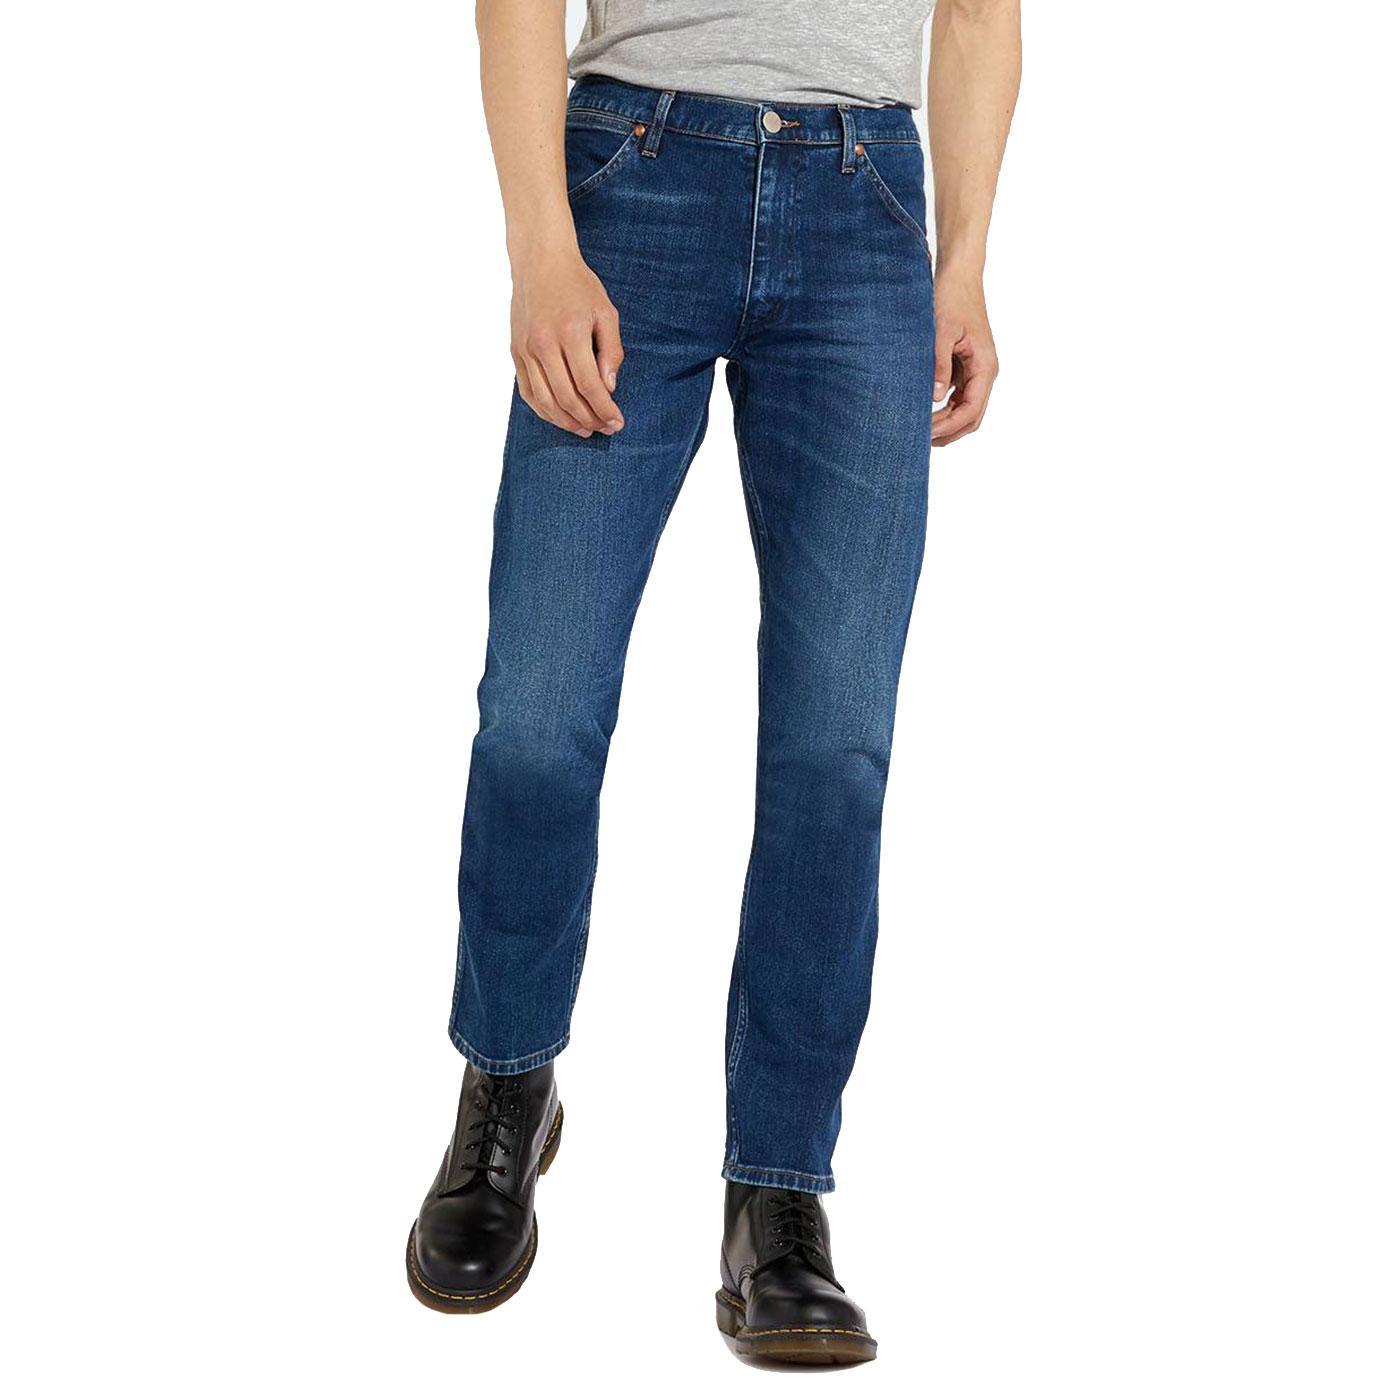 11MWZ WRANGLER Retro Western Slim Jeans - Good Day